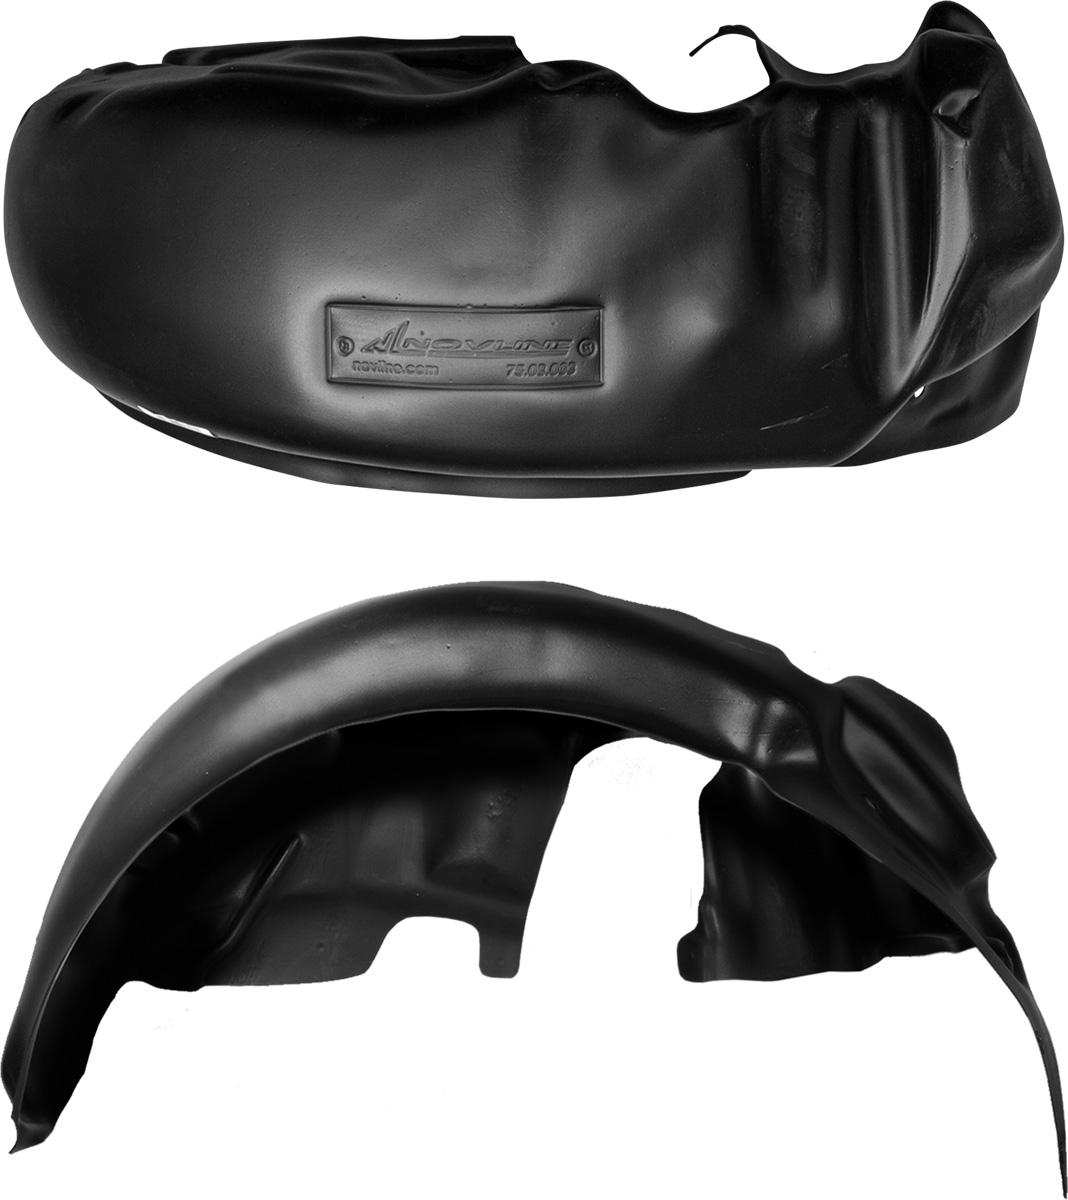 Подкрылок Novline-Autofamily, для Chevrolet Aveo, 2012->, седан, задний правыйNLL.08.15.004Колесные ниши - одни из самых уязвимых зон днища вашего автомобиля. Они постоянно подвергаются воздействию со стороны дороги. Лучшая, почти абсолютная защита для них - специально отформованные пластиковые кожухи, которые называются подкрылками. Производятся они как для отечественных моделей автомобилей, так и для иномарок. Подкрылки Novline-Autofamily выполнены из высококачественного, экологически чистого пластика. Обеспечивают надежную защиту кузова автомобиля от пескоструйного эффекта и негативного влияния, агрессивных антигололедных реагентов. Пластик обладает более низкой теплопроводностью, чем металл, поэтому в зимний период эксплуатации использование пластиковых подкрылков позволяет лучше защитить колесные ниши от налипания снега и образования наледи. Оригинальность конструкции подчеркивает элегантность автомобиля, бережно защищает нанесенное на днище кузова антикоррозийное покрытие и позволяет осуществить крепление подкрылков внутри колесной арки практически без дополнительного крепежа и сверления, не нарушая при этом лакокрасочного покрытия, что предотвращает возникновение новых очагов коррозии. Подкрылки долговечны, обладают высокой прочностью и сохраняют заданную форму, а также все свои физико-механические характеристики в самых тяжелых климатических условиях (от -50°С до +50°С).Уважаемые клиенты!Обращаем ваше внимание, на тот факт, что подкрылок имеет форму, соответствующую модели данного автомобиля. Фото служит для визуального восприятия товара.